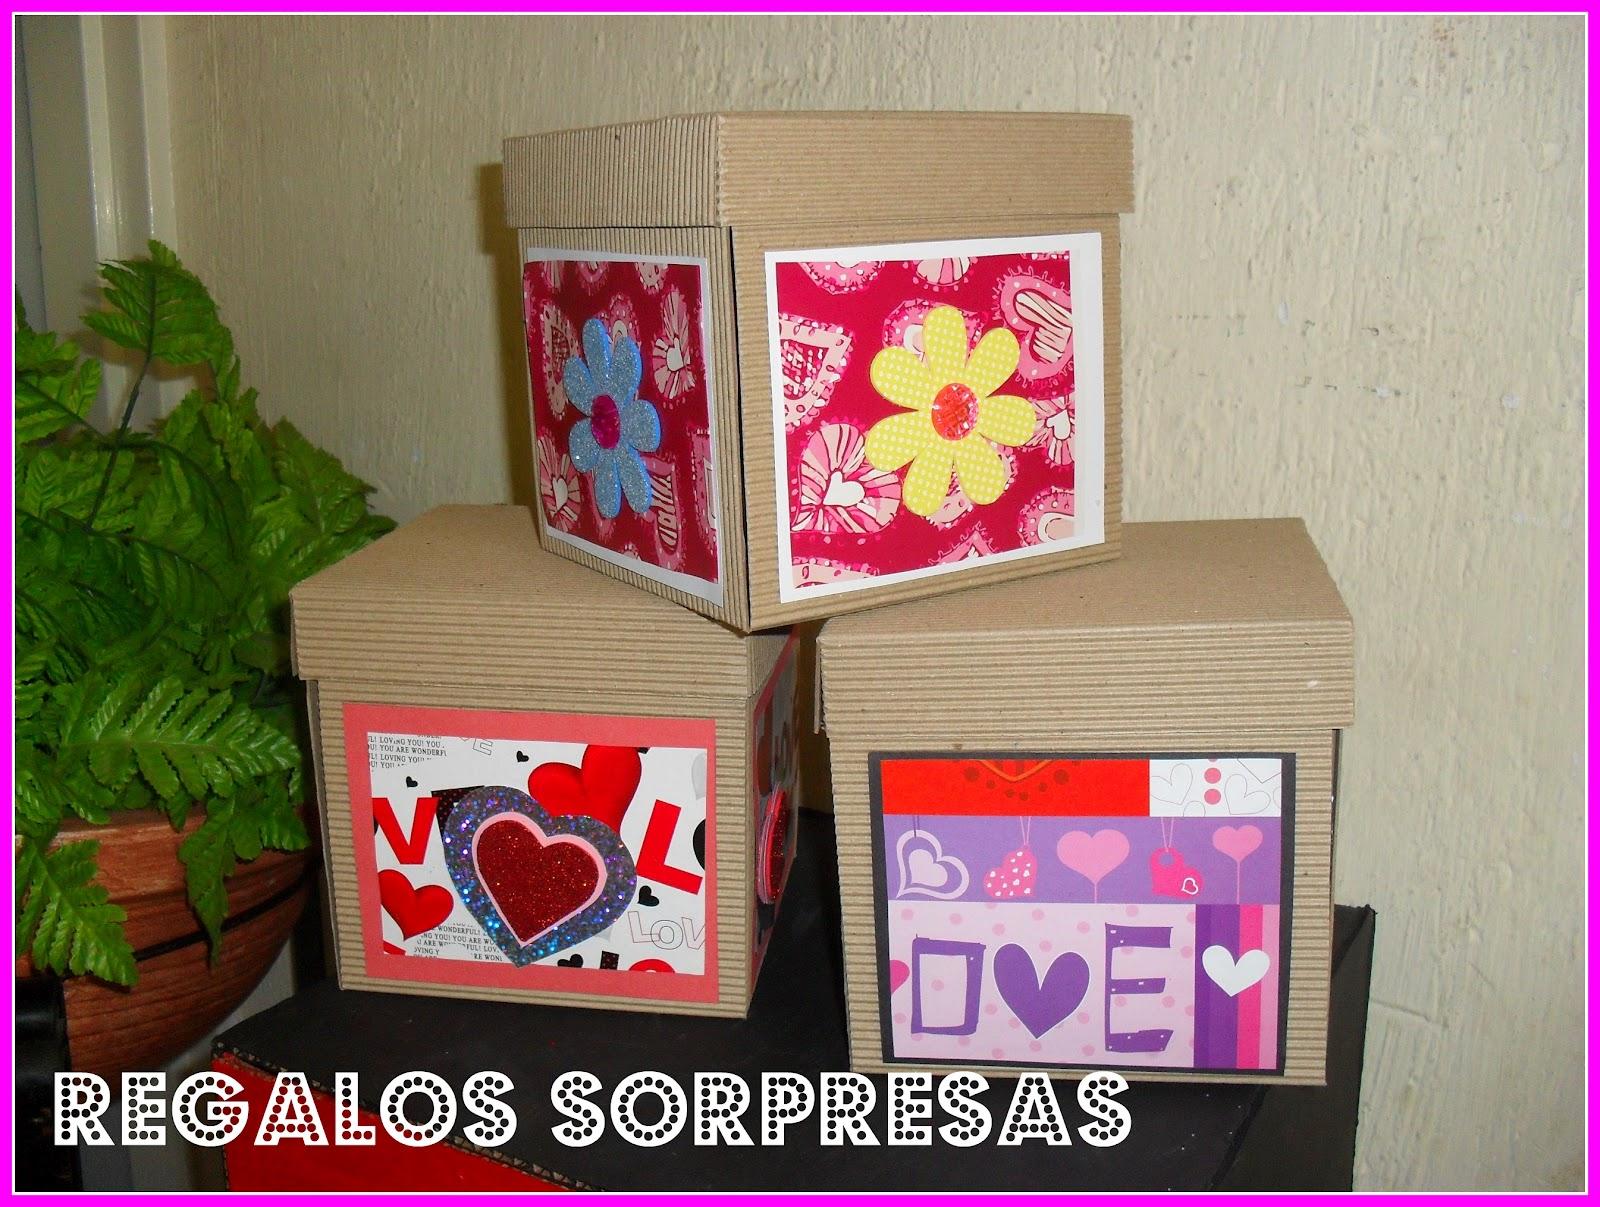 Regalos sorpresas cajas explosivas - Cajas grandes de carton decoradas ...